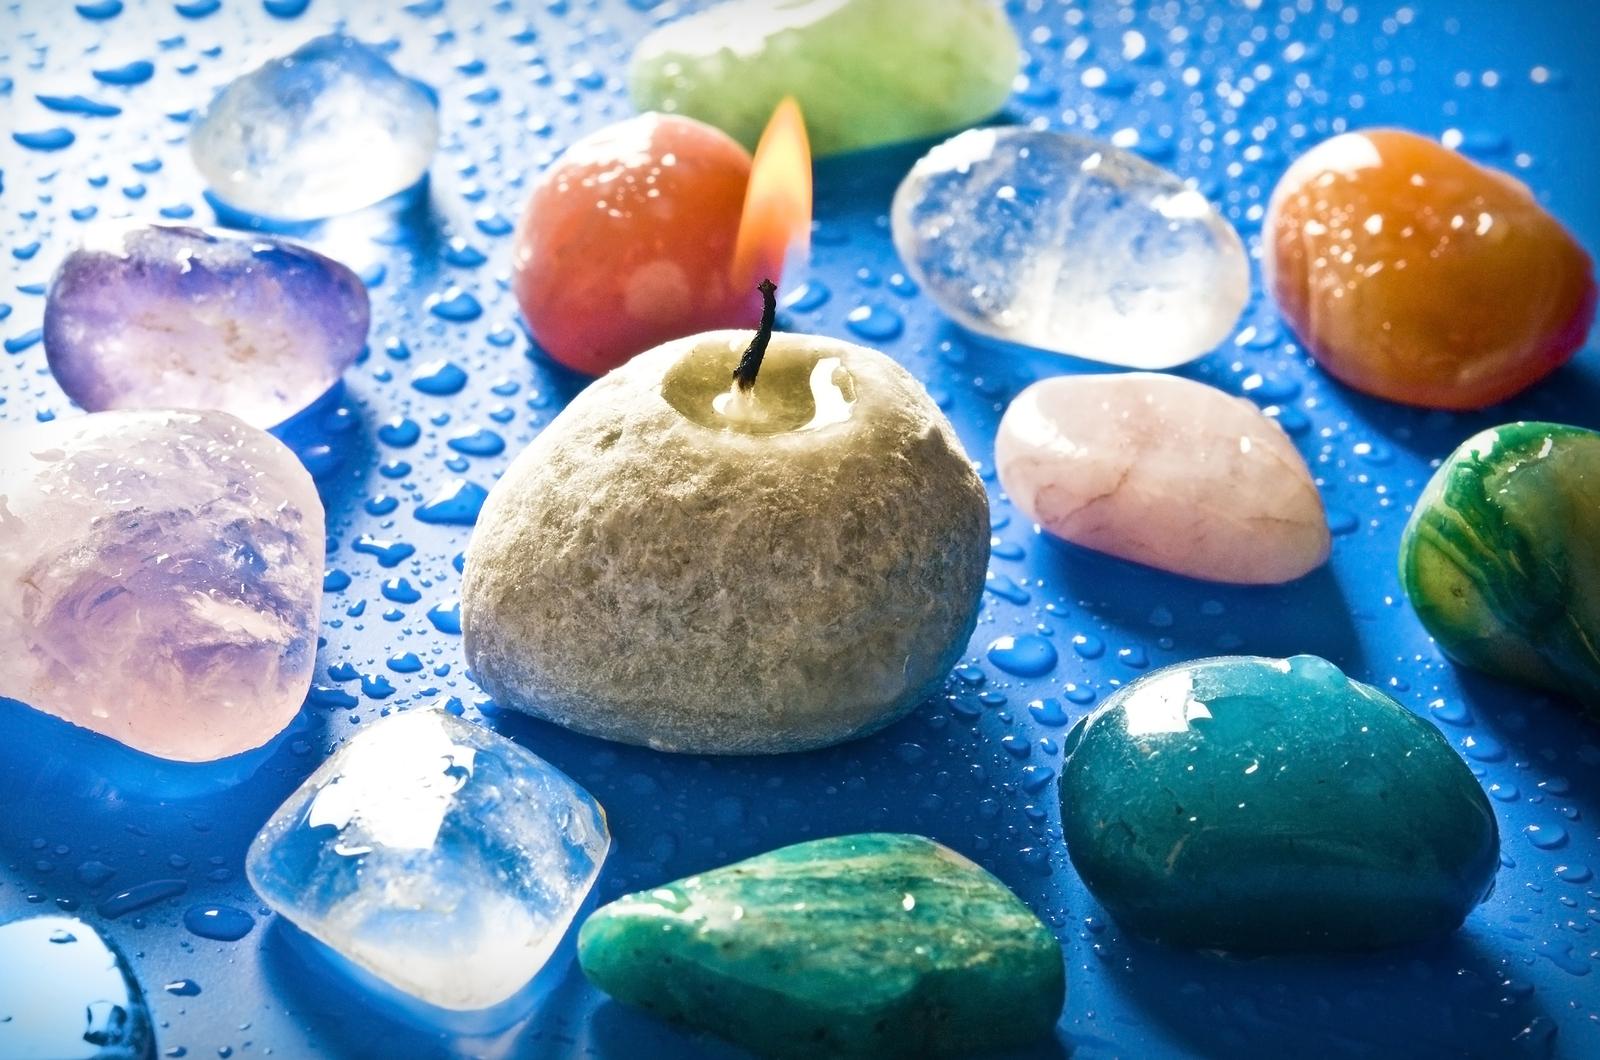 картинки чистка камней является